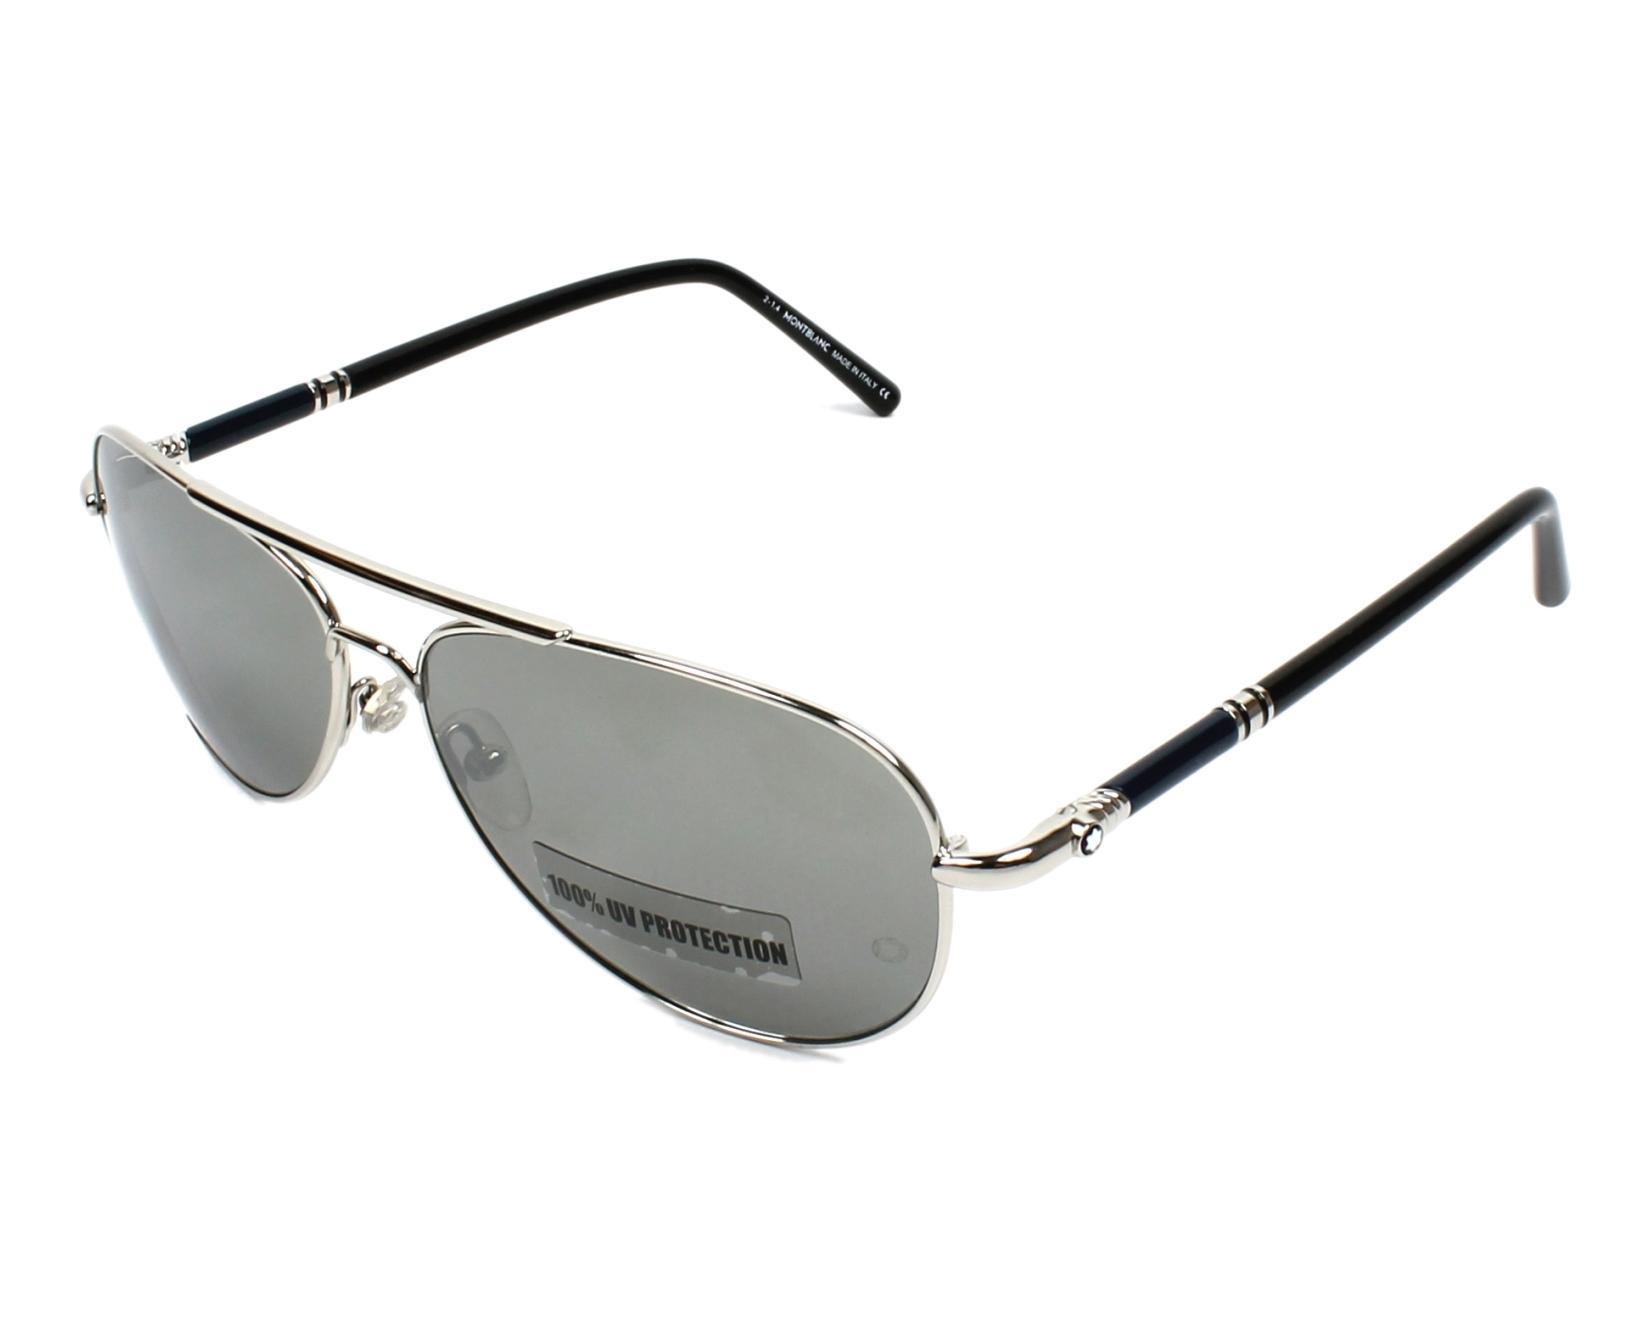 lunettes de soleil mont blanc mb 509 s 16c argent avec des verres gris. Black Bedroom Furniture Sets. Home Design Ideas